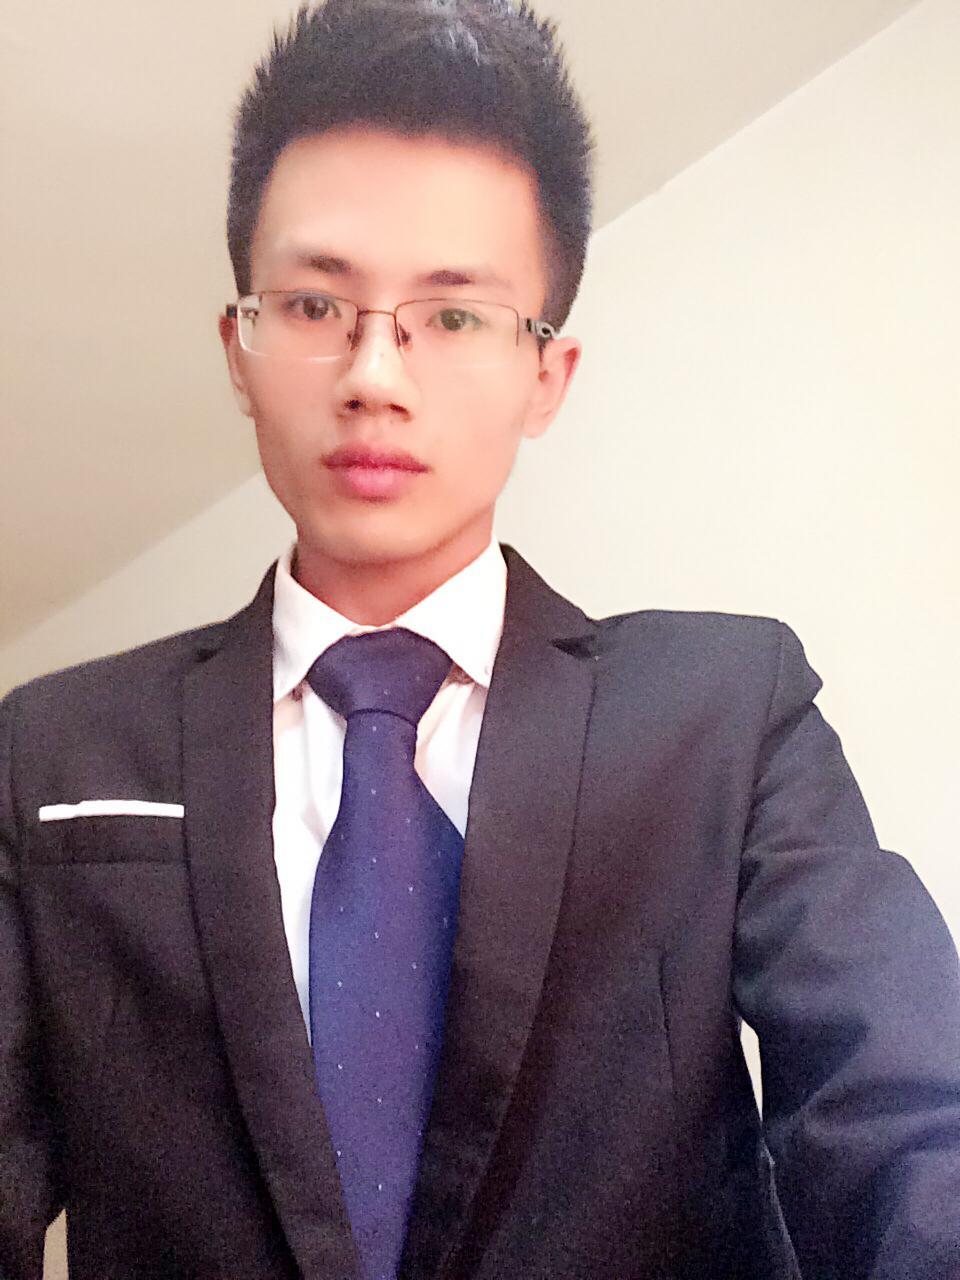 宁波家教蒋起社老师